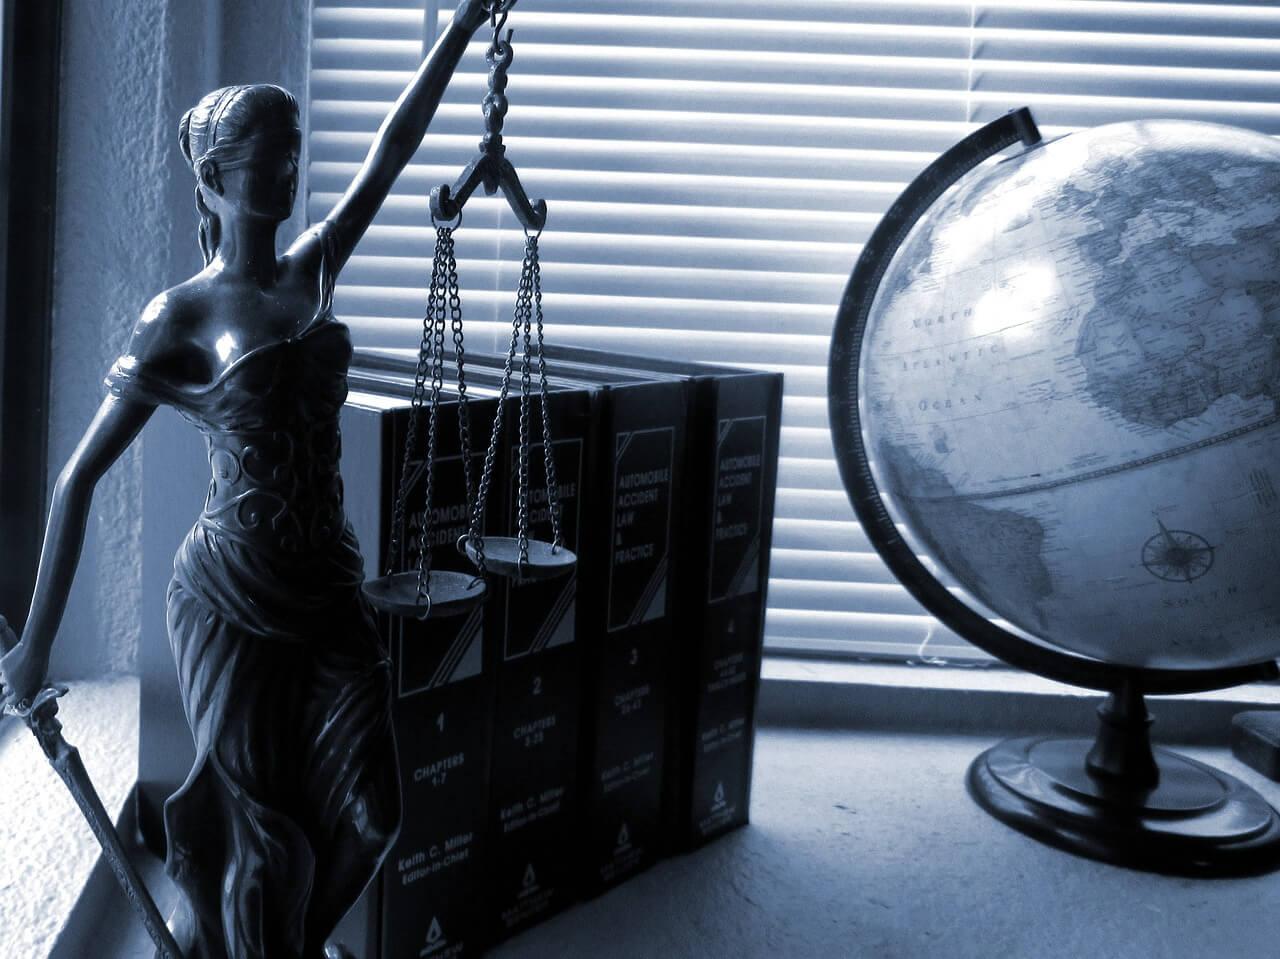 הוגש כתב אישום כנגדך? כדאי שיהיה לך עורך דין פלילי טוב